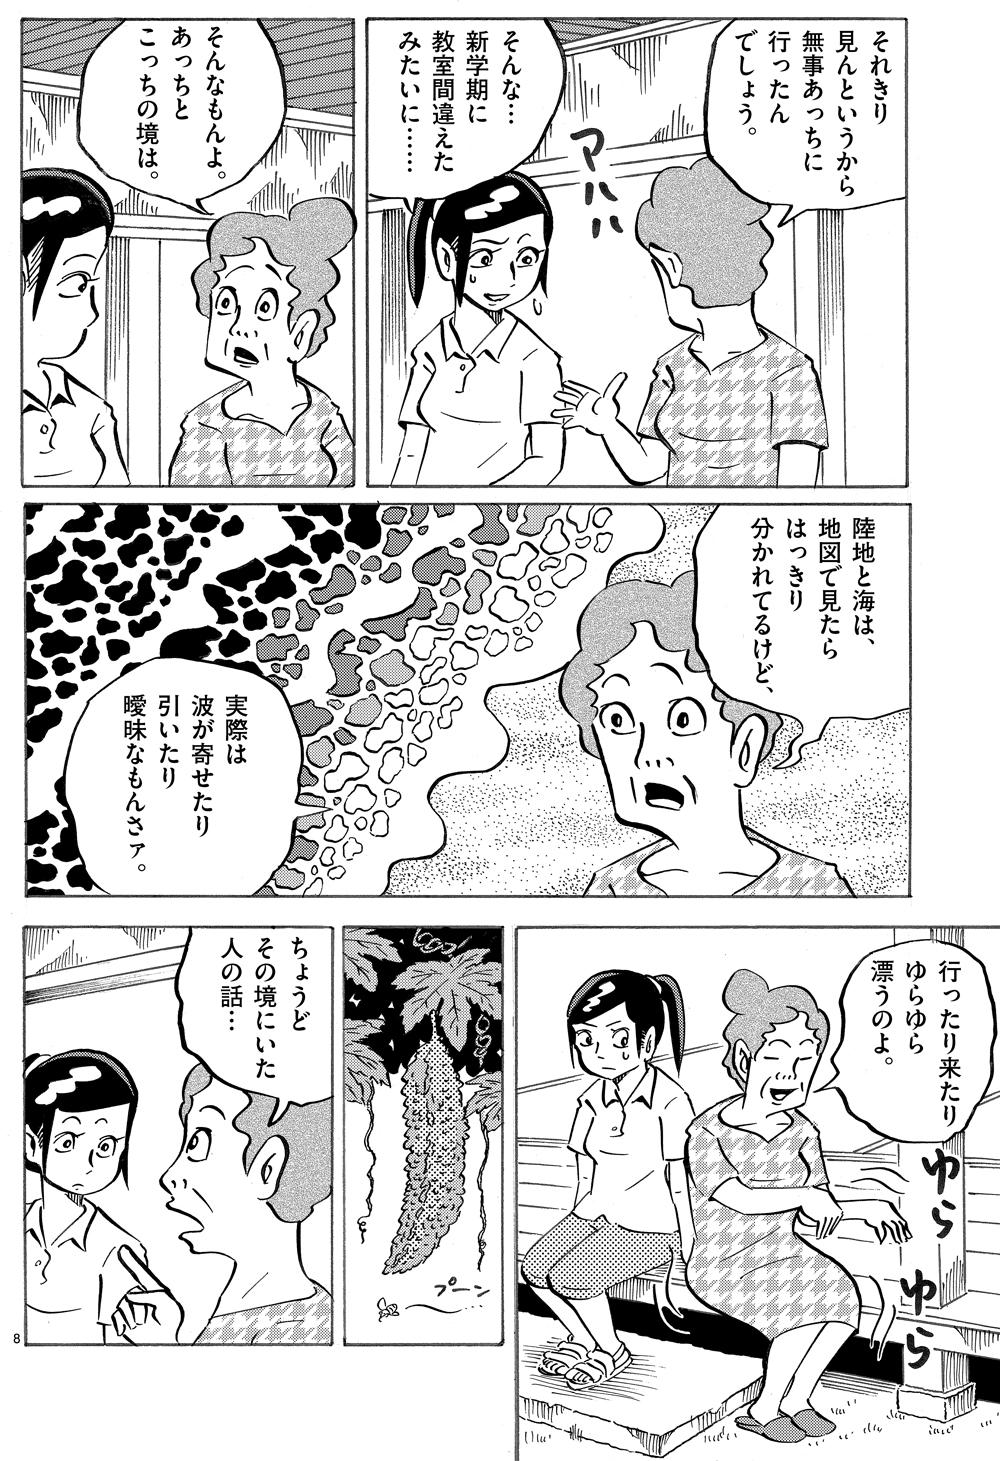 琉球怪談 【第5話】WEB掲載8ページ目画像